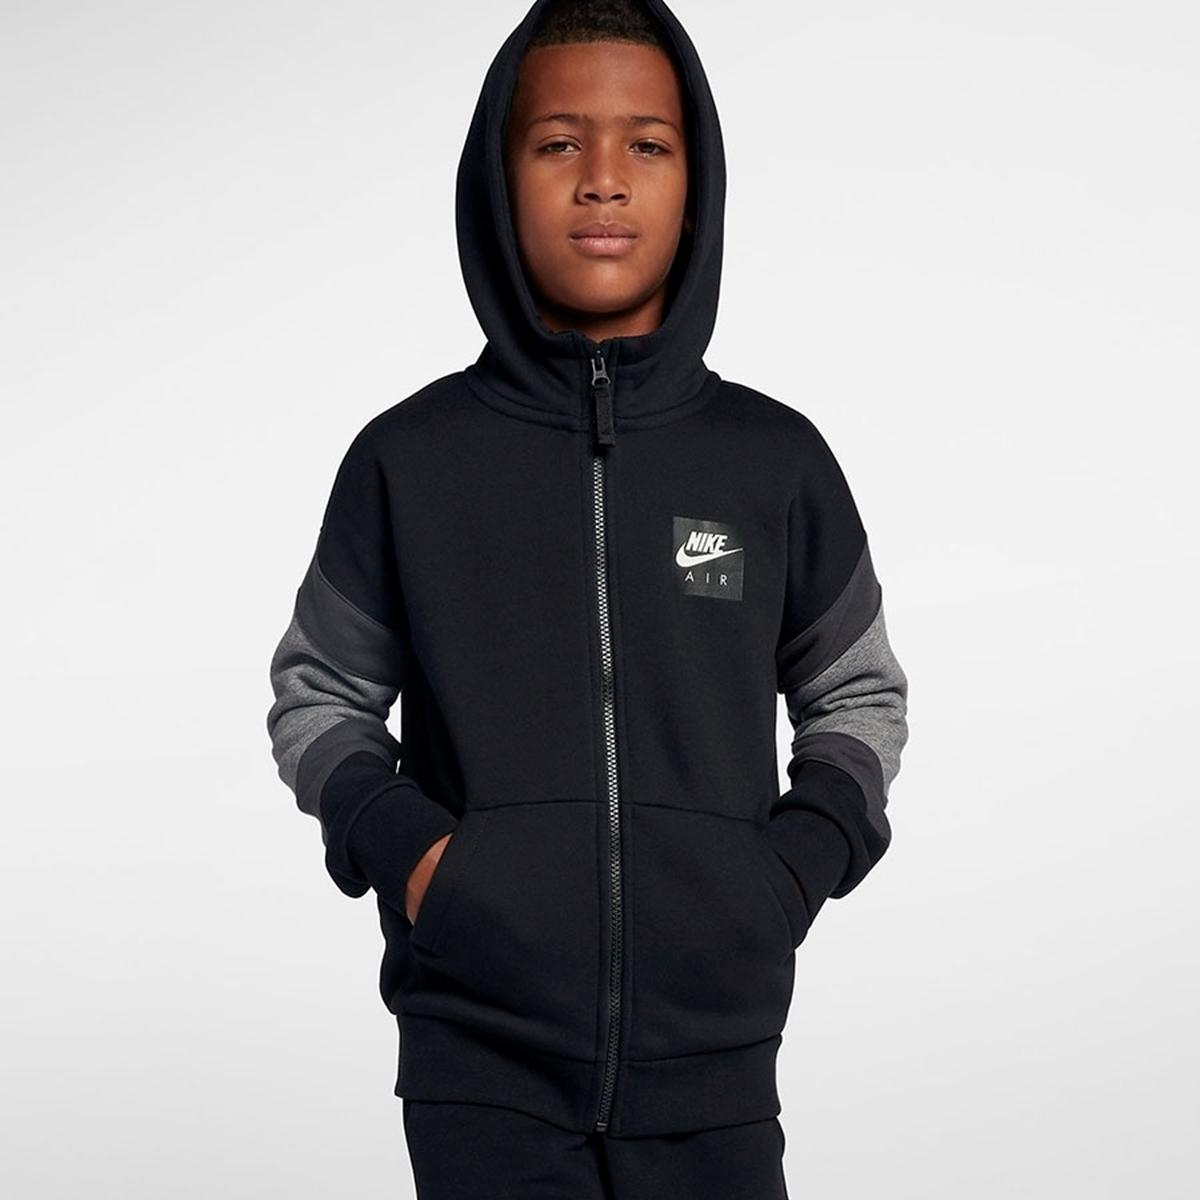 eb88e51c Nike B NK AIR HOODIE FZ 939635-010- Nava Sport - Vi selger klær og ...